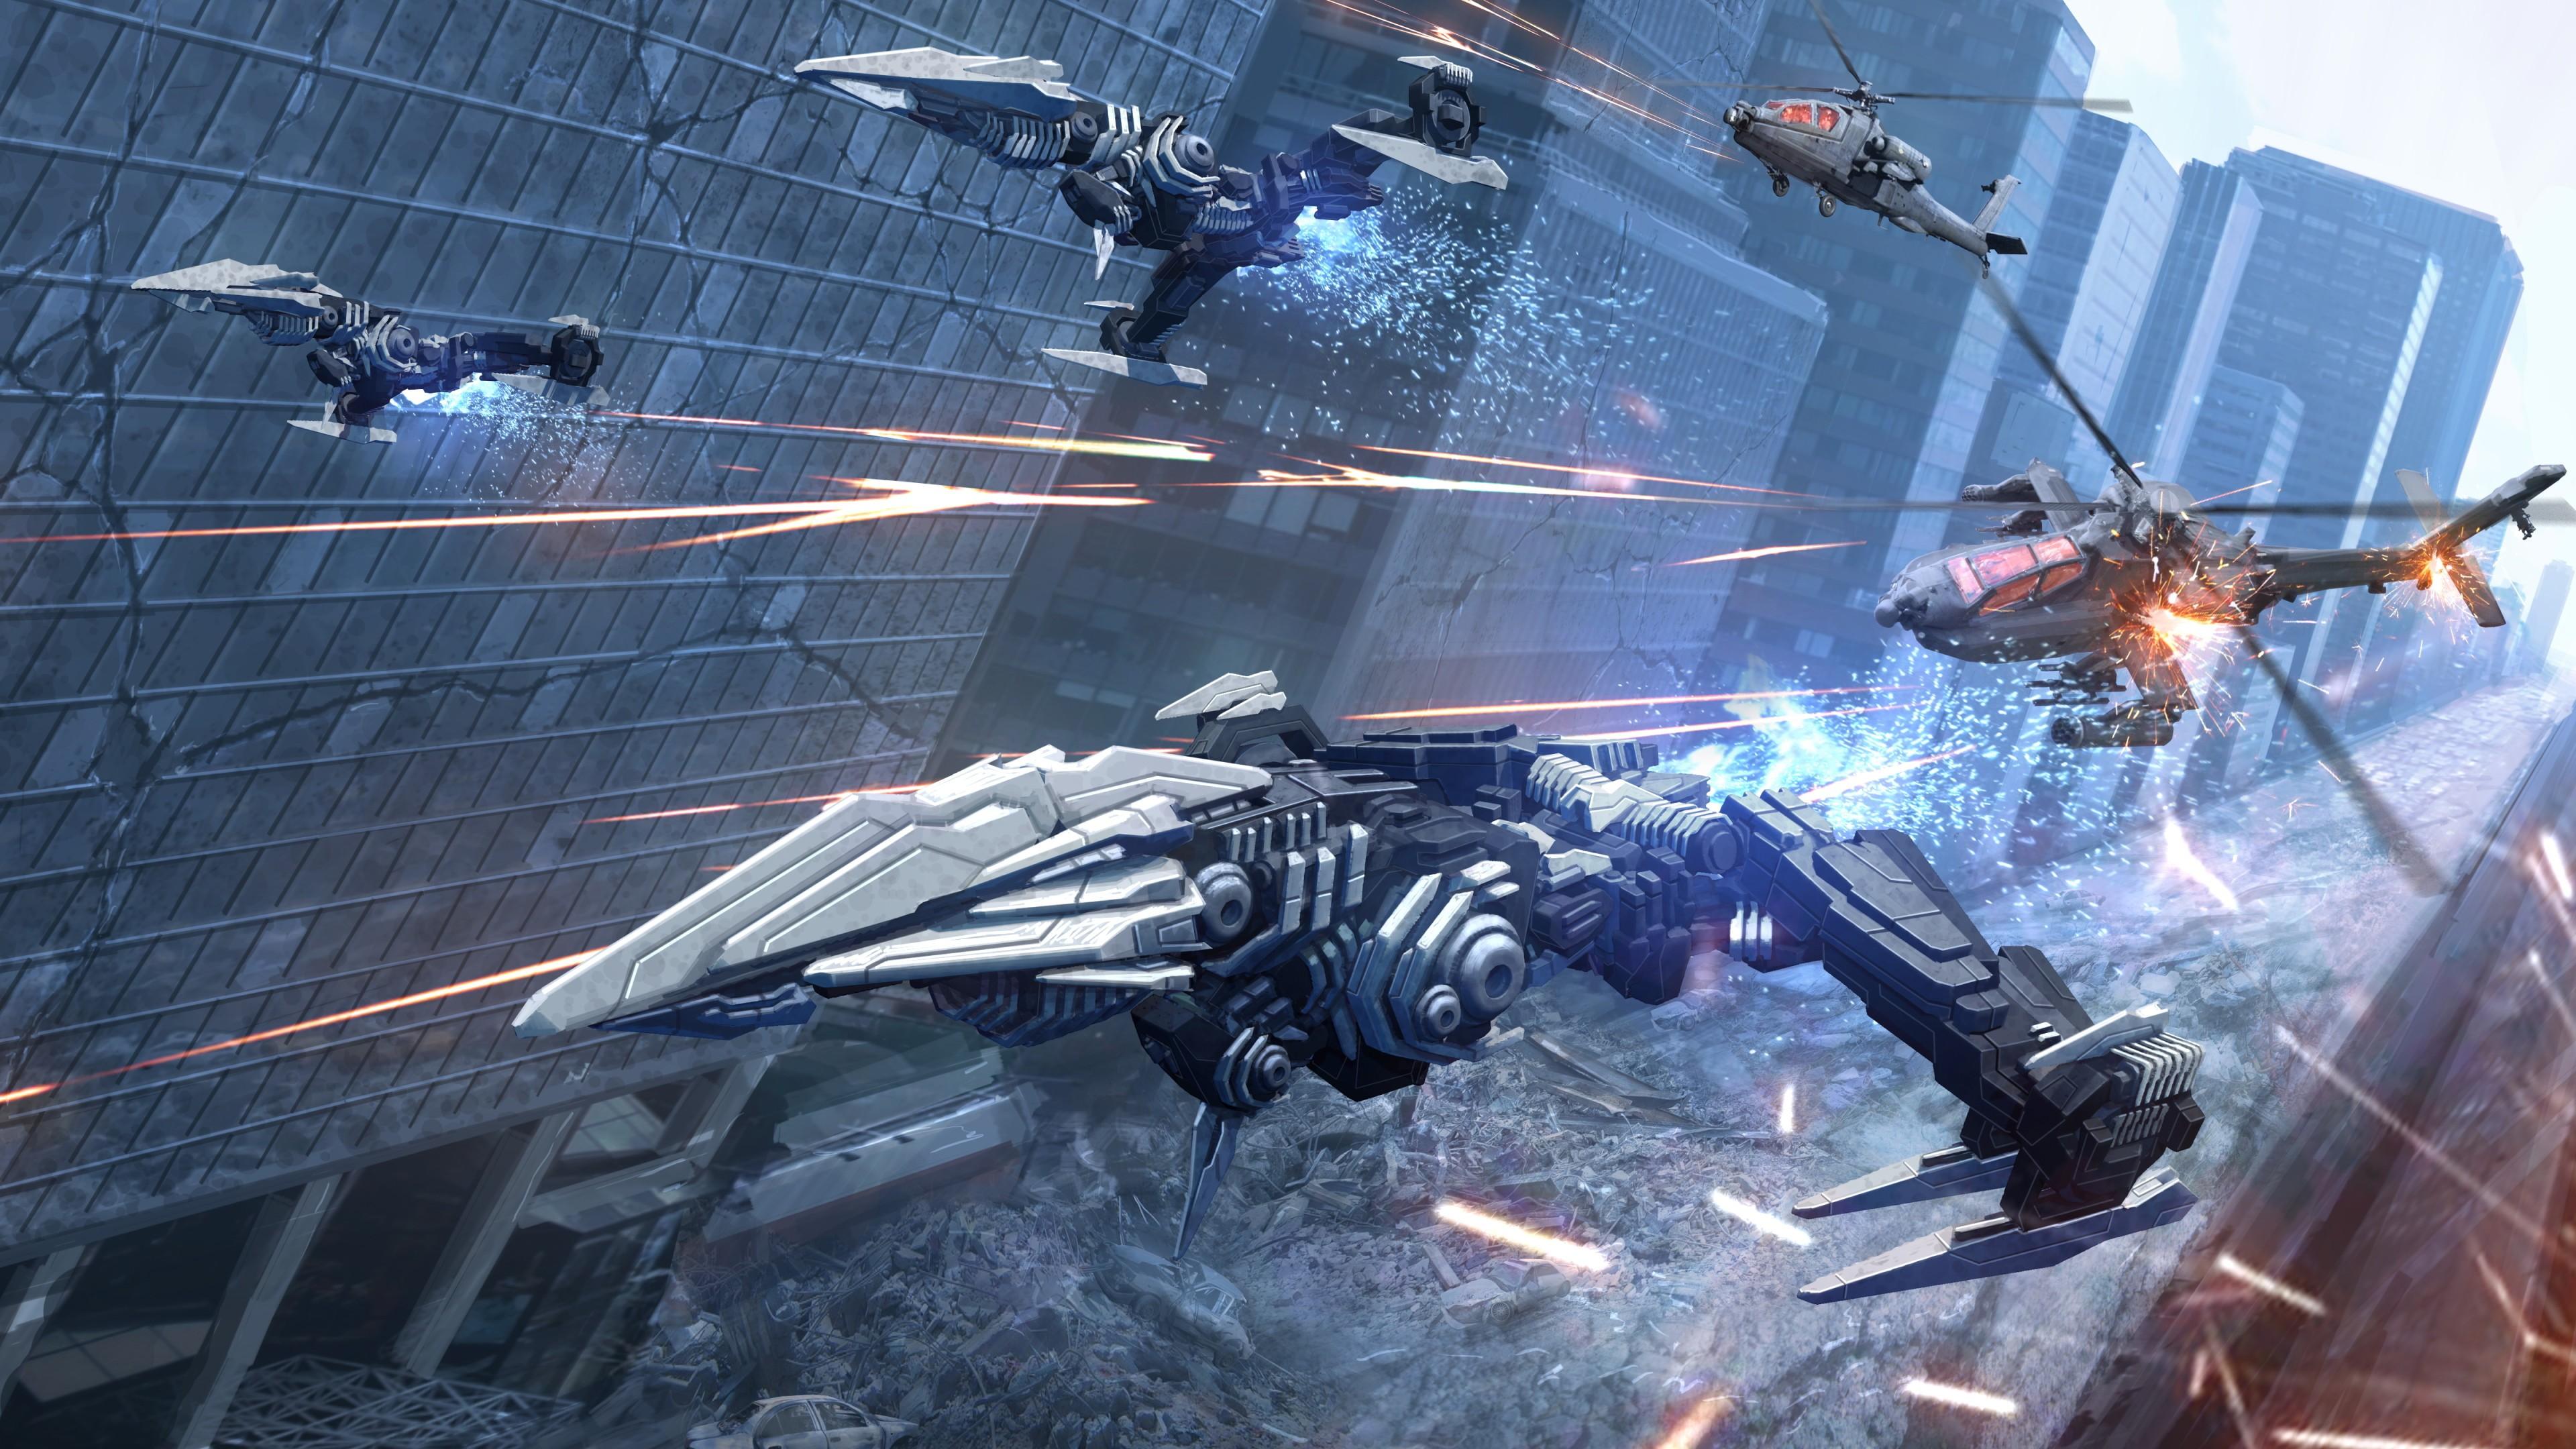 47 sci fi wallpapers download free stunning full hd - Spaceship wallpaper 4k ...